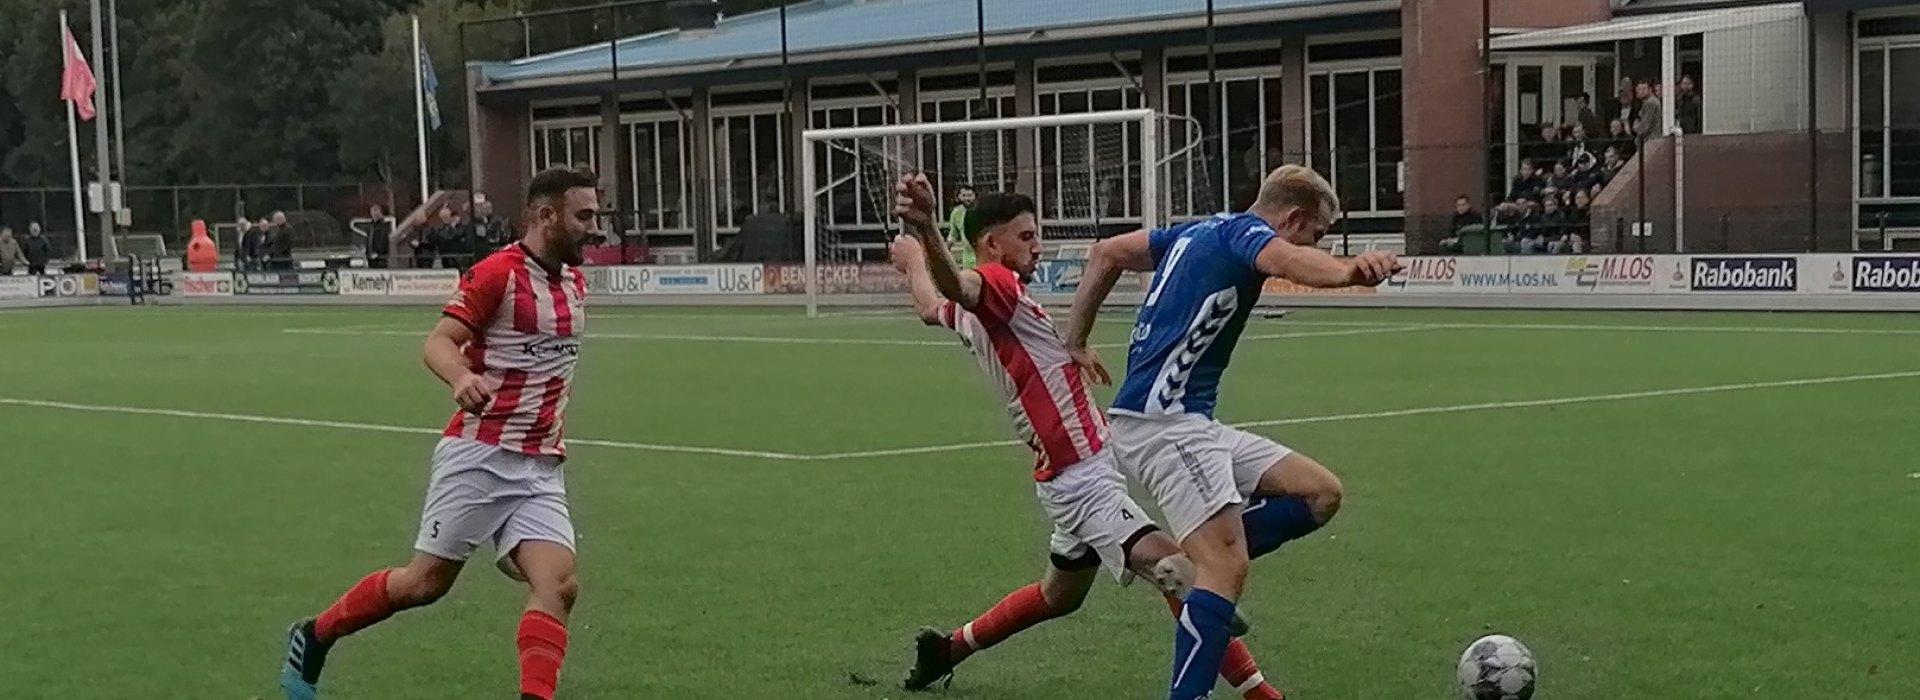 Winst tegen Nieuw Utrecht